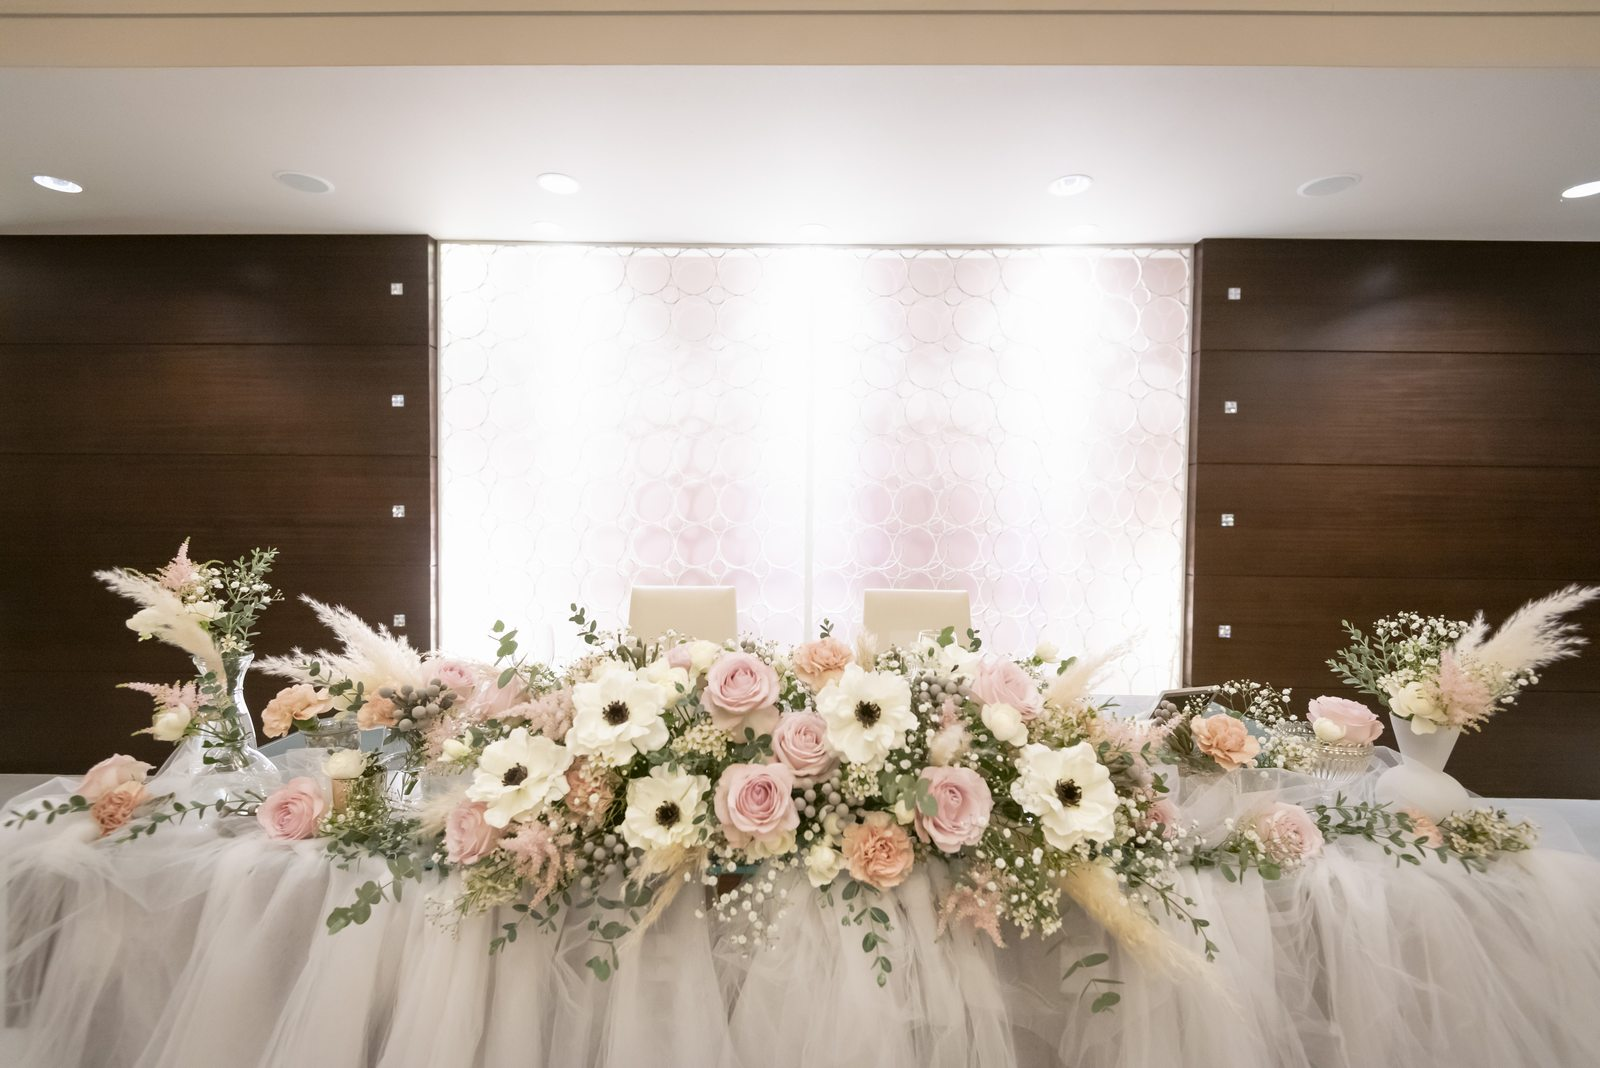 香川県の結婚式場シェルエメール&アイスタイルのメインテーブル装花